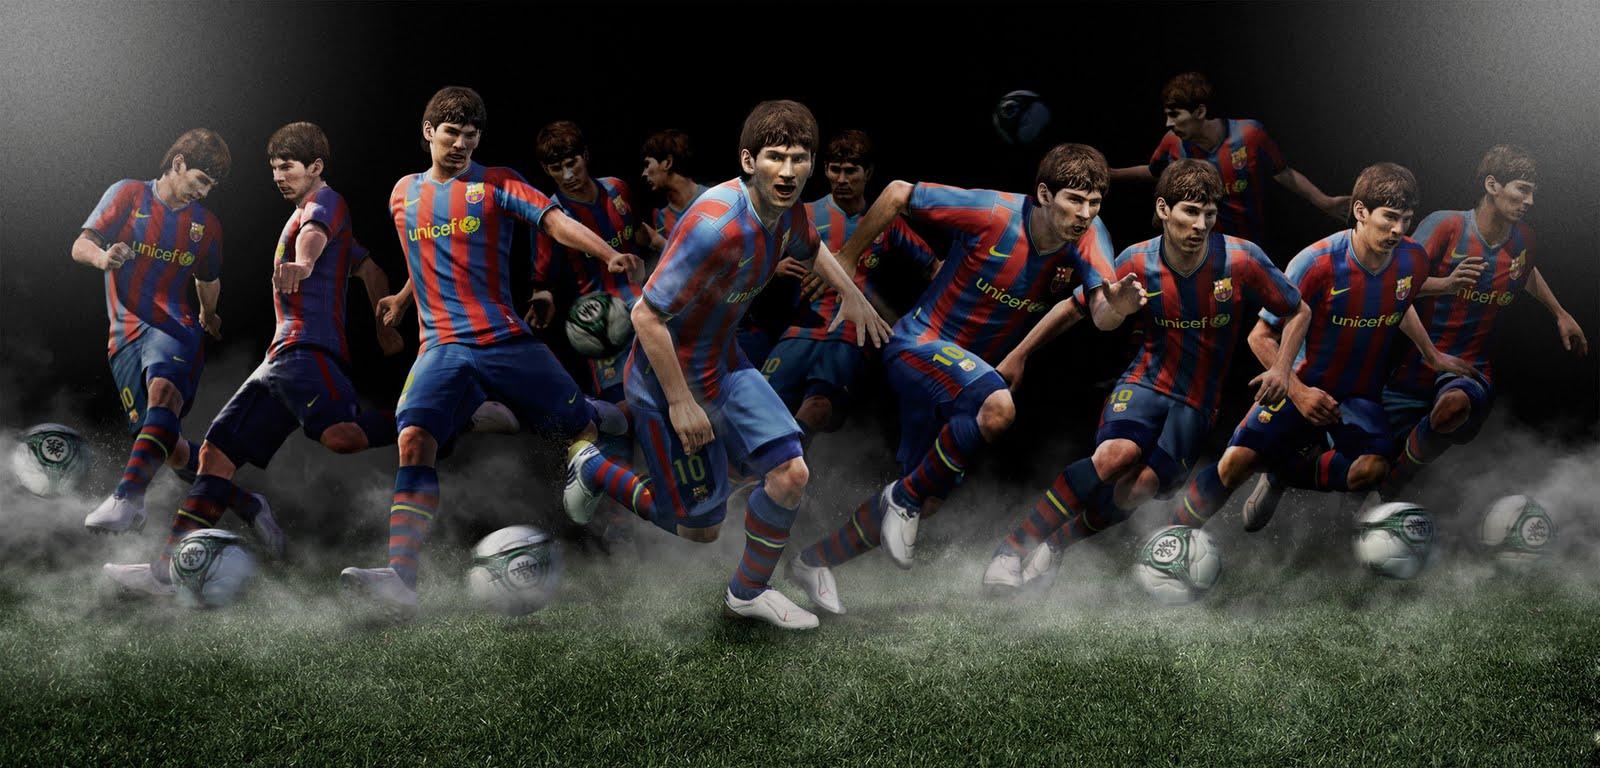 Полная свобода, тотальный футбол - Всё это в PES 2011!